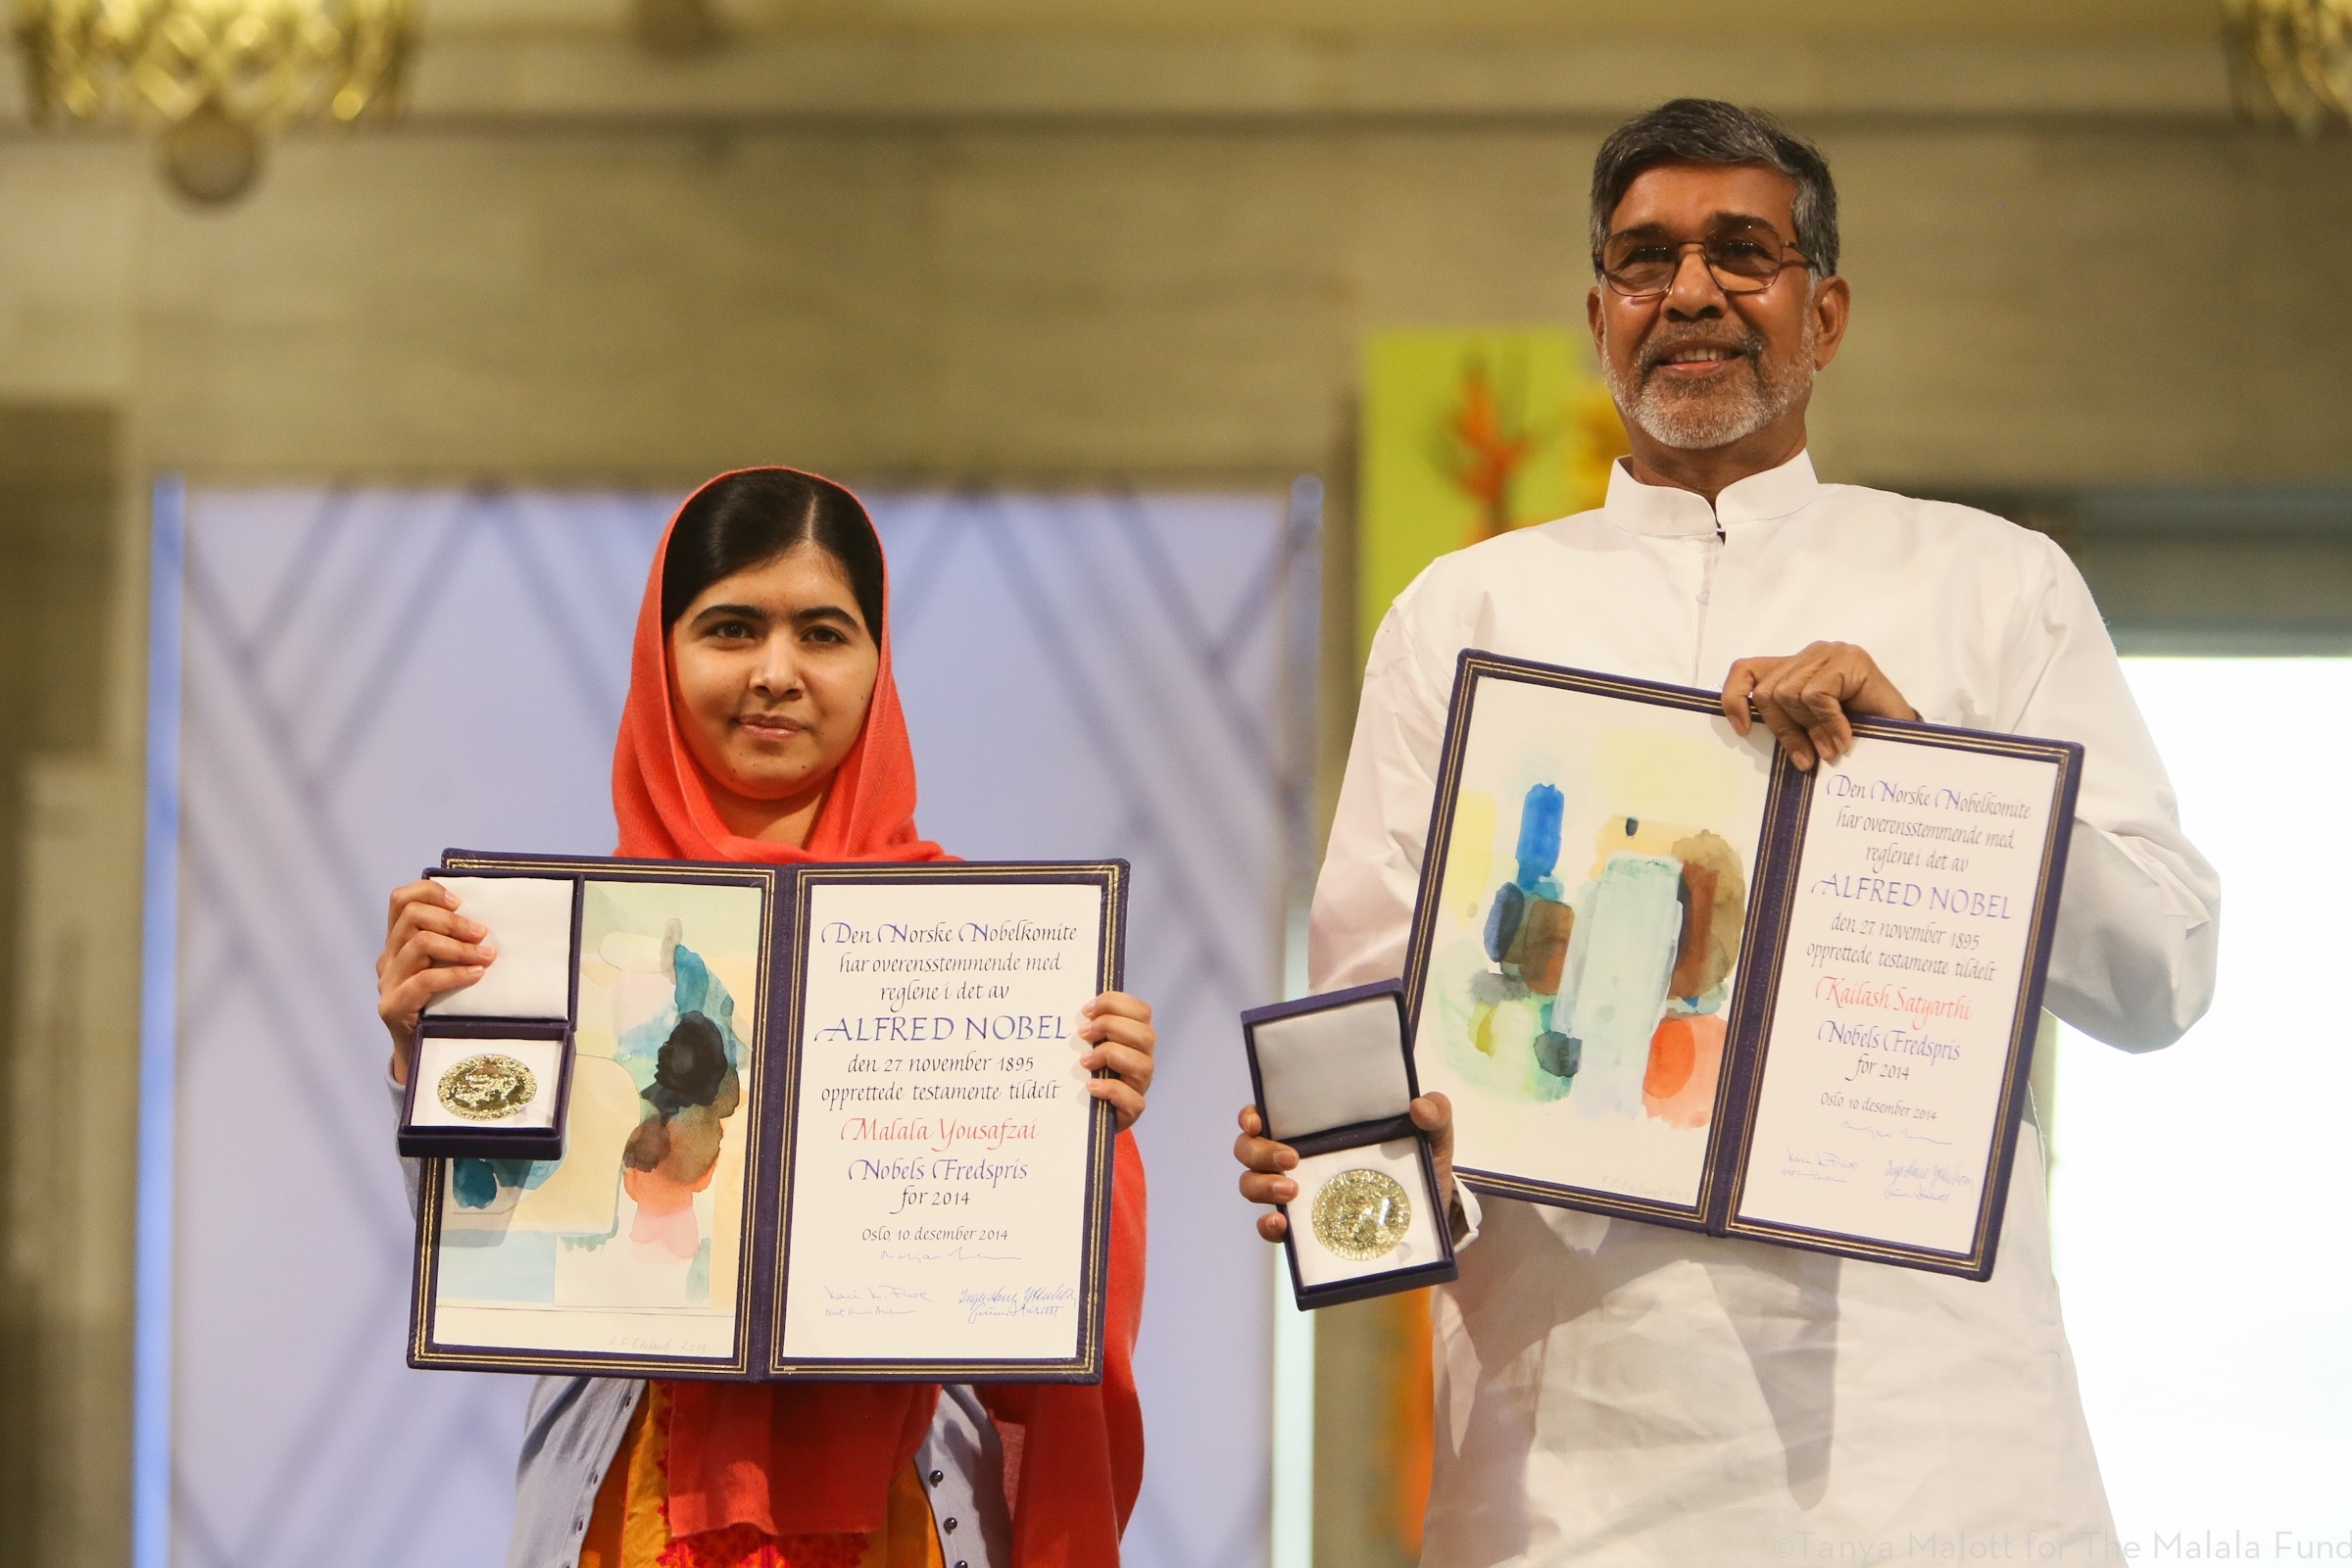 3347_ceremony_Nobel___TanyaMalott_Malala-Fund-1.jpg